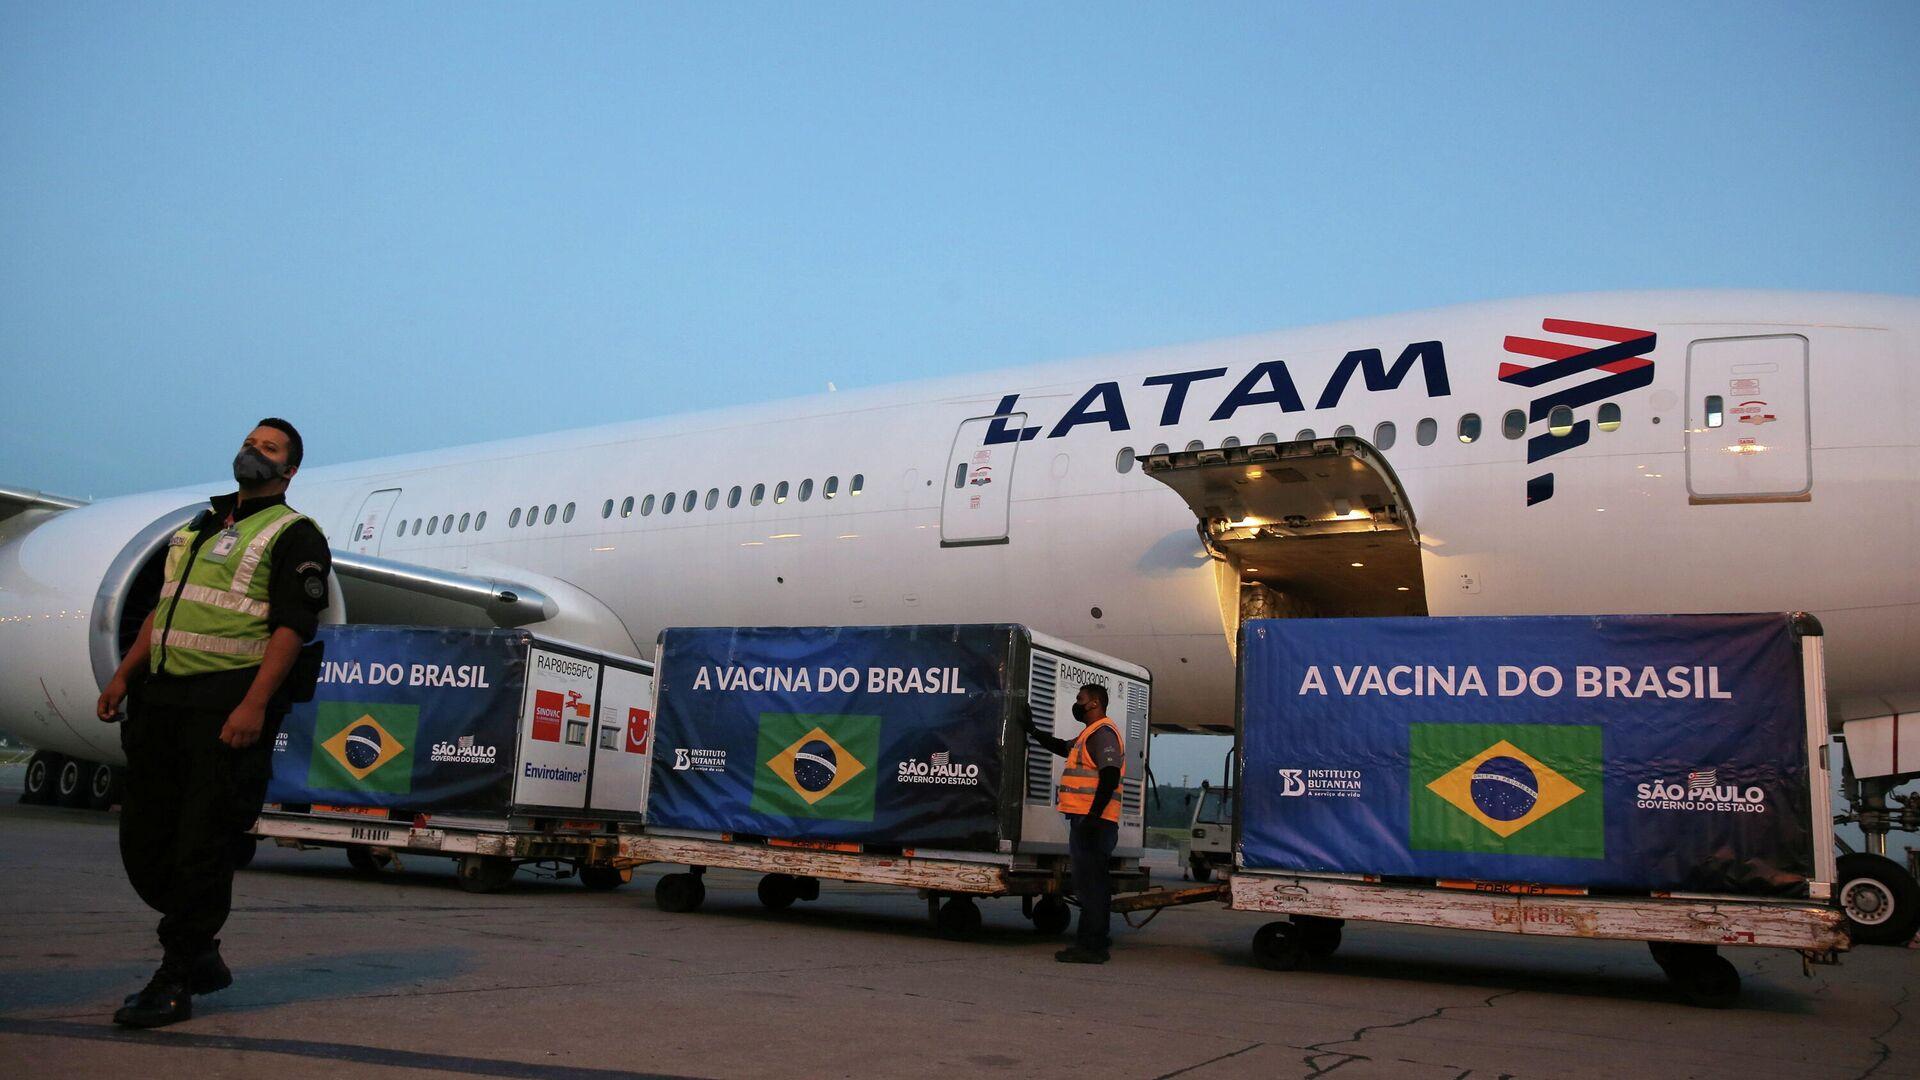 Avión con insumos para producir cinco millones de vacunas de Sinovac en Brasil - Sputnik Mundo, 1920, 25.05.2021